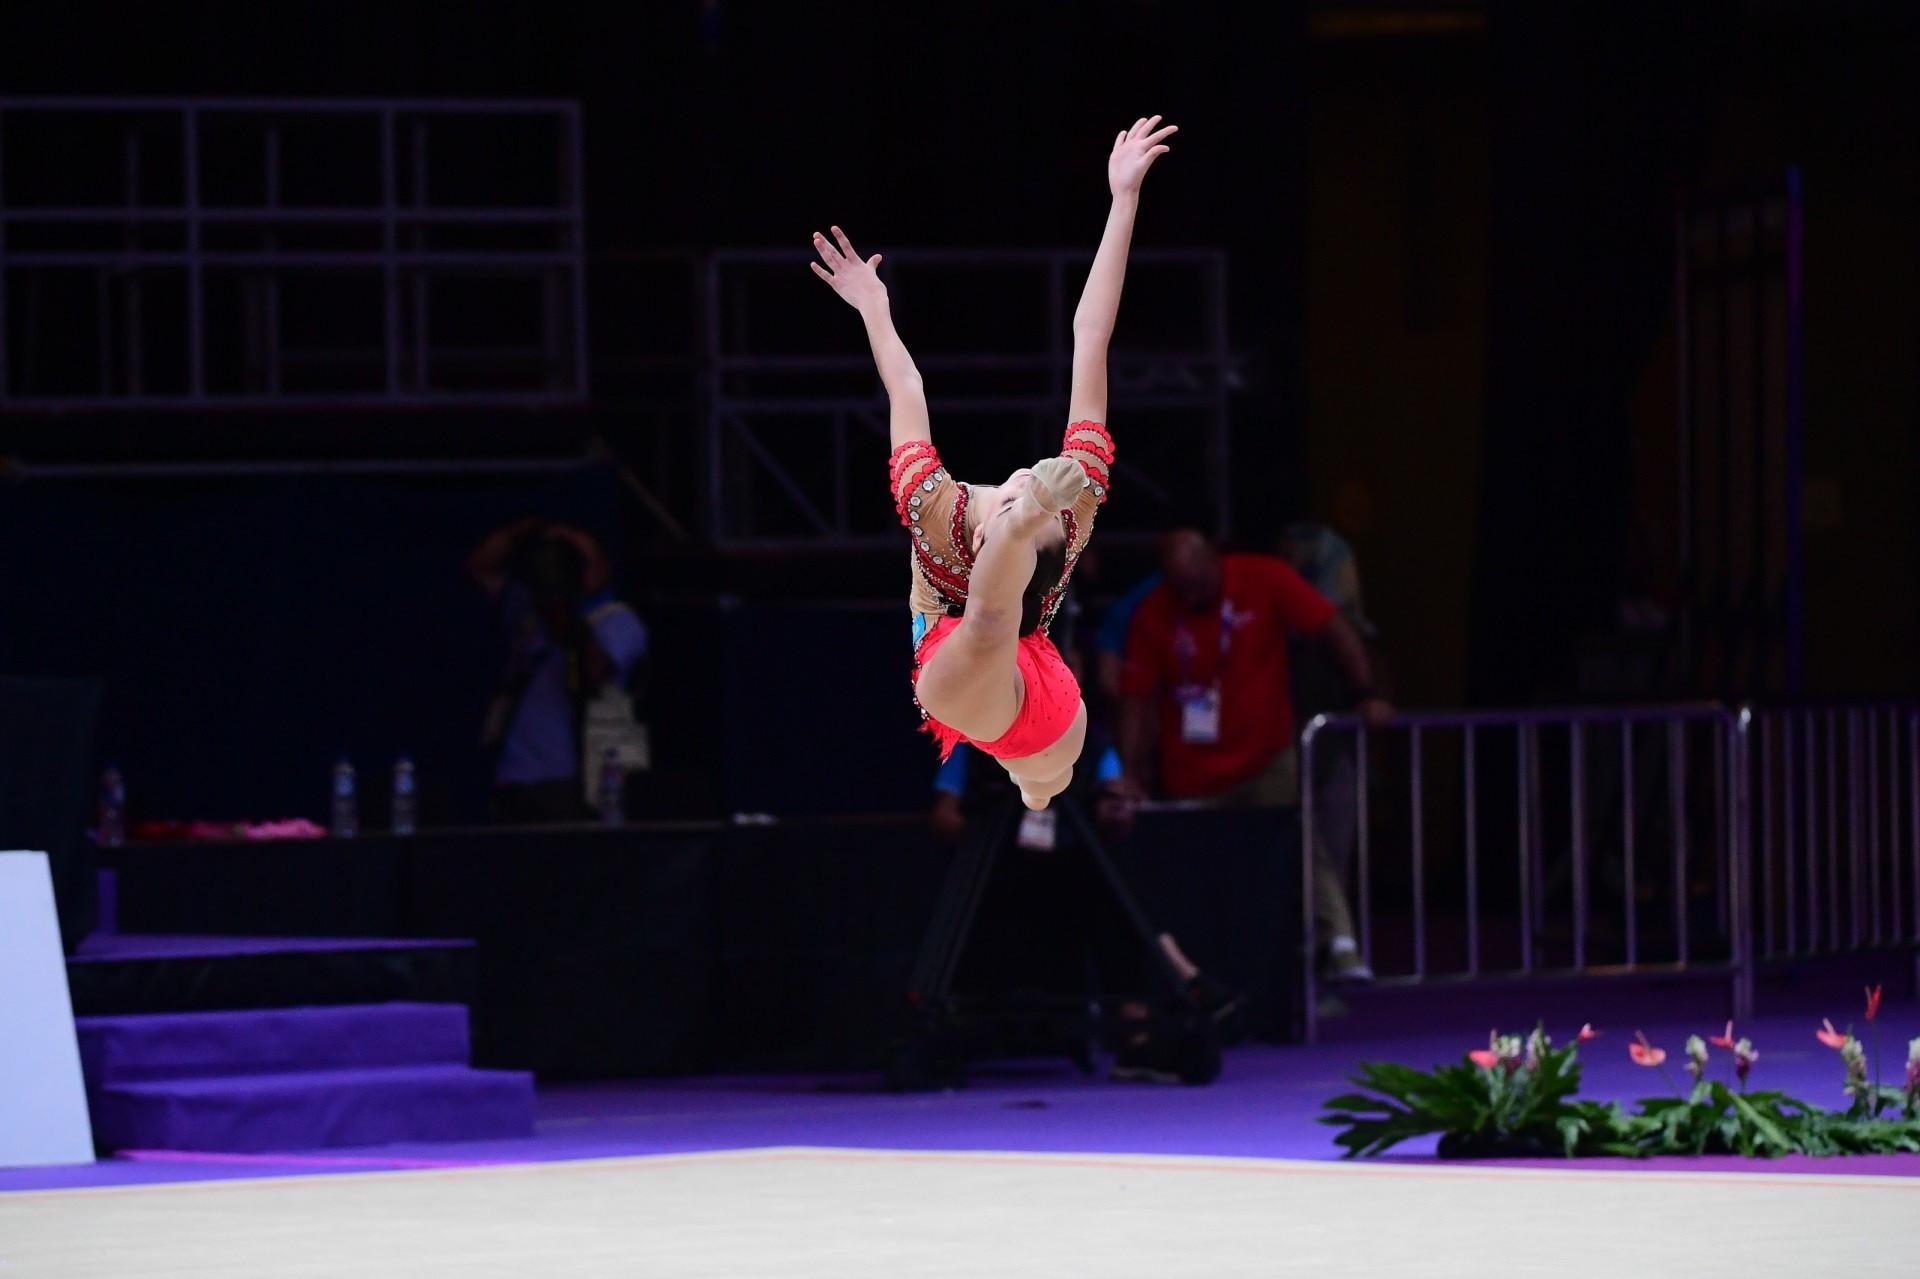 В Шымкенте пройдет чемпионат Казахстана по художественной гимнастике